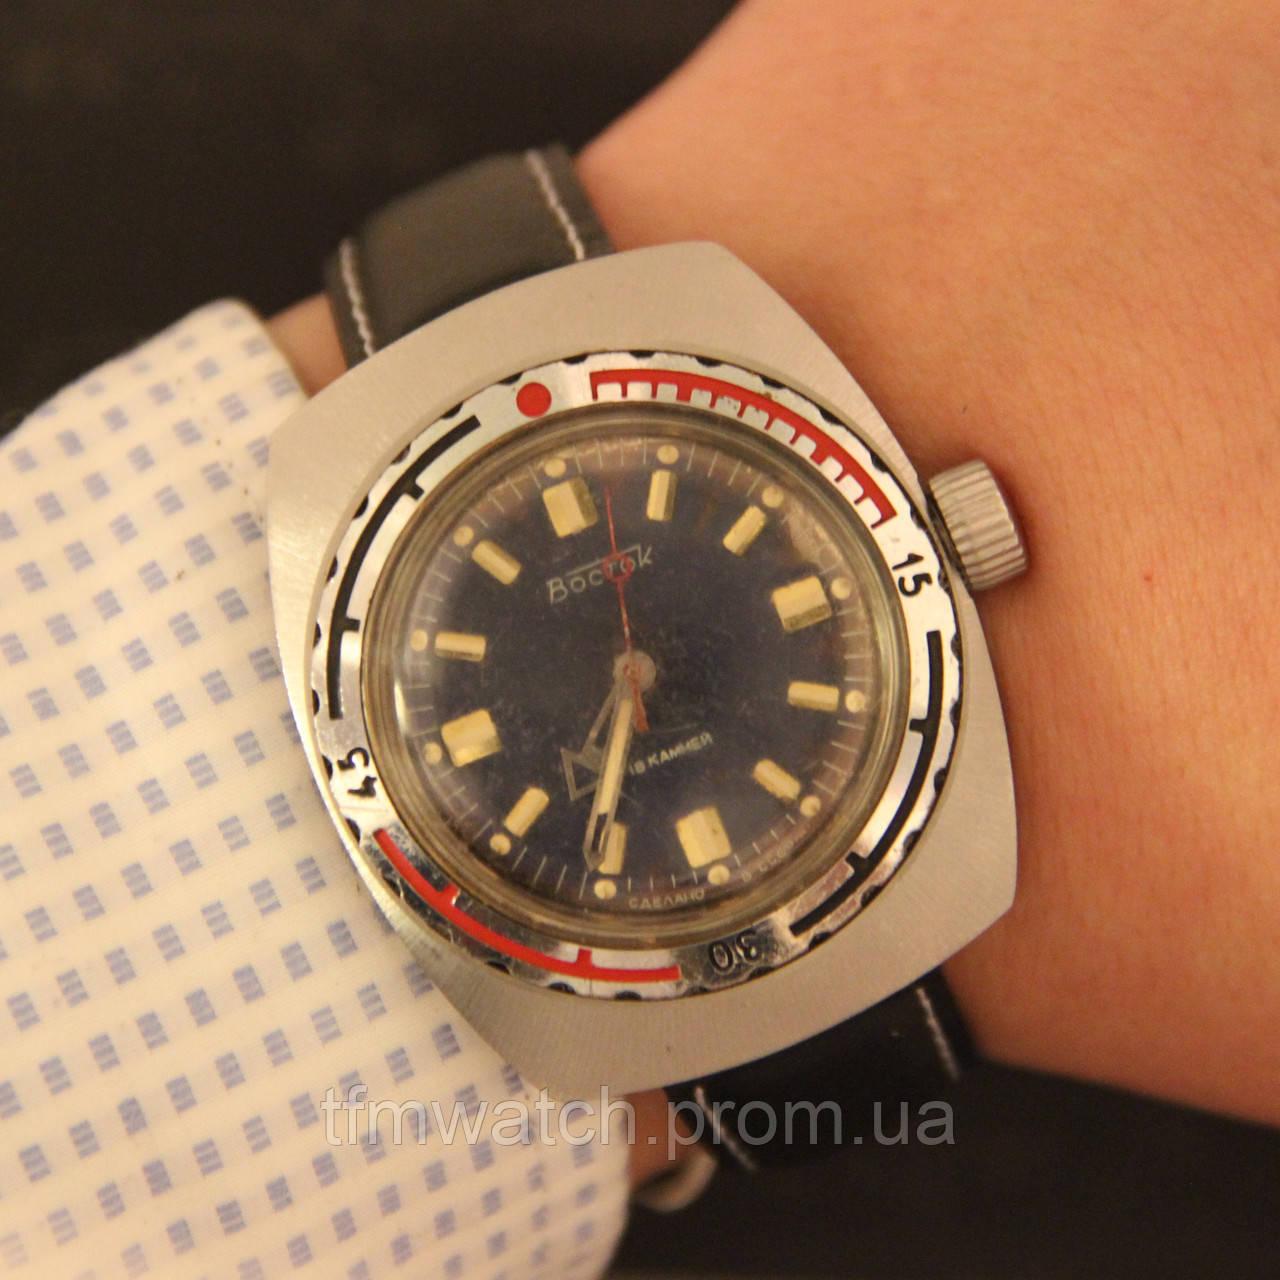 Купить часы слава амфибия ссср пожелание для подарка часы